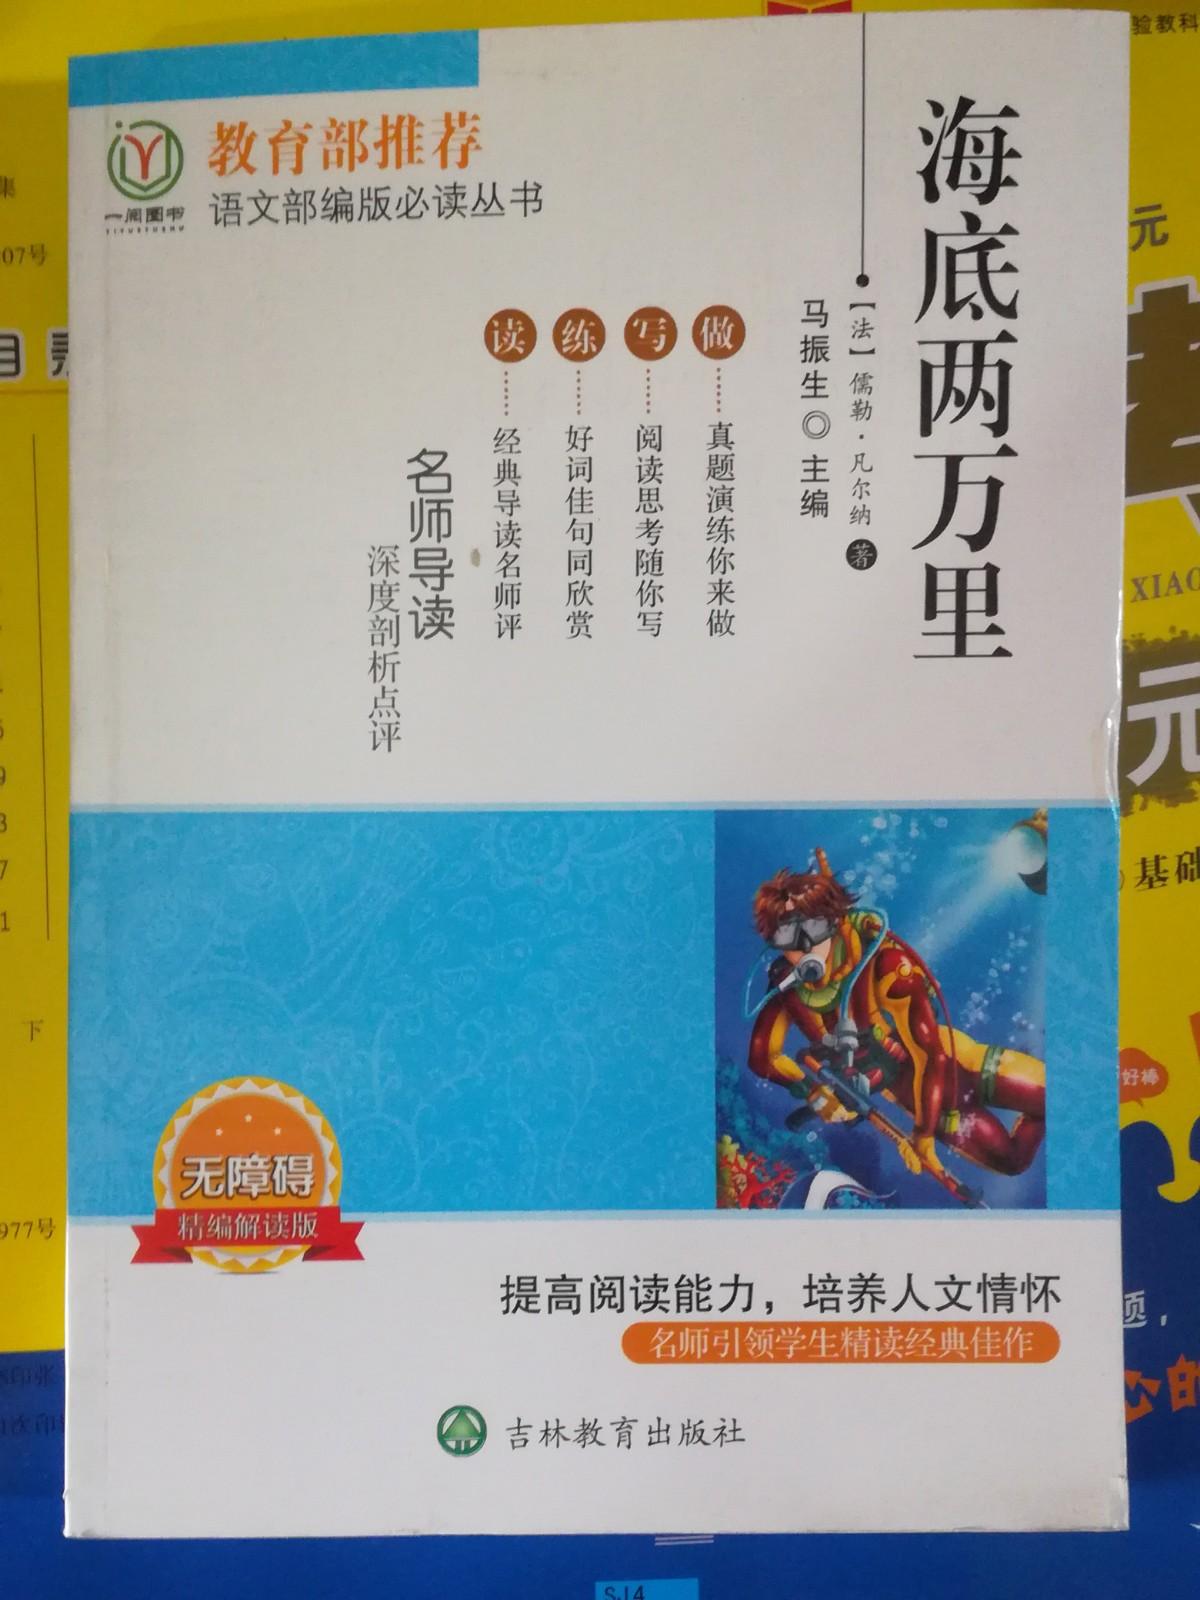 课外书籍-丰富课外生活|图书类-洛阳市站区乾钰书店